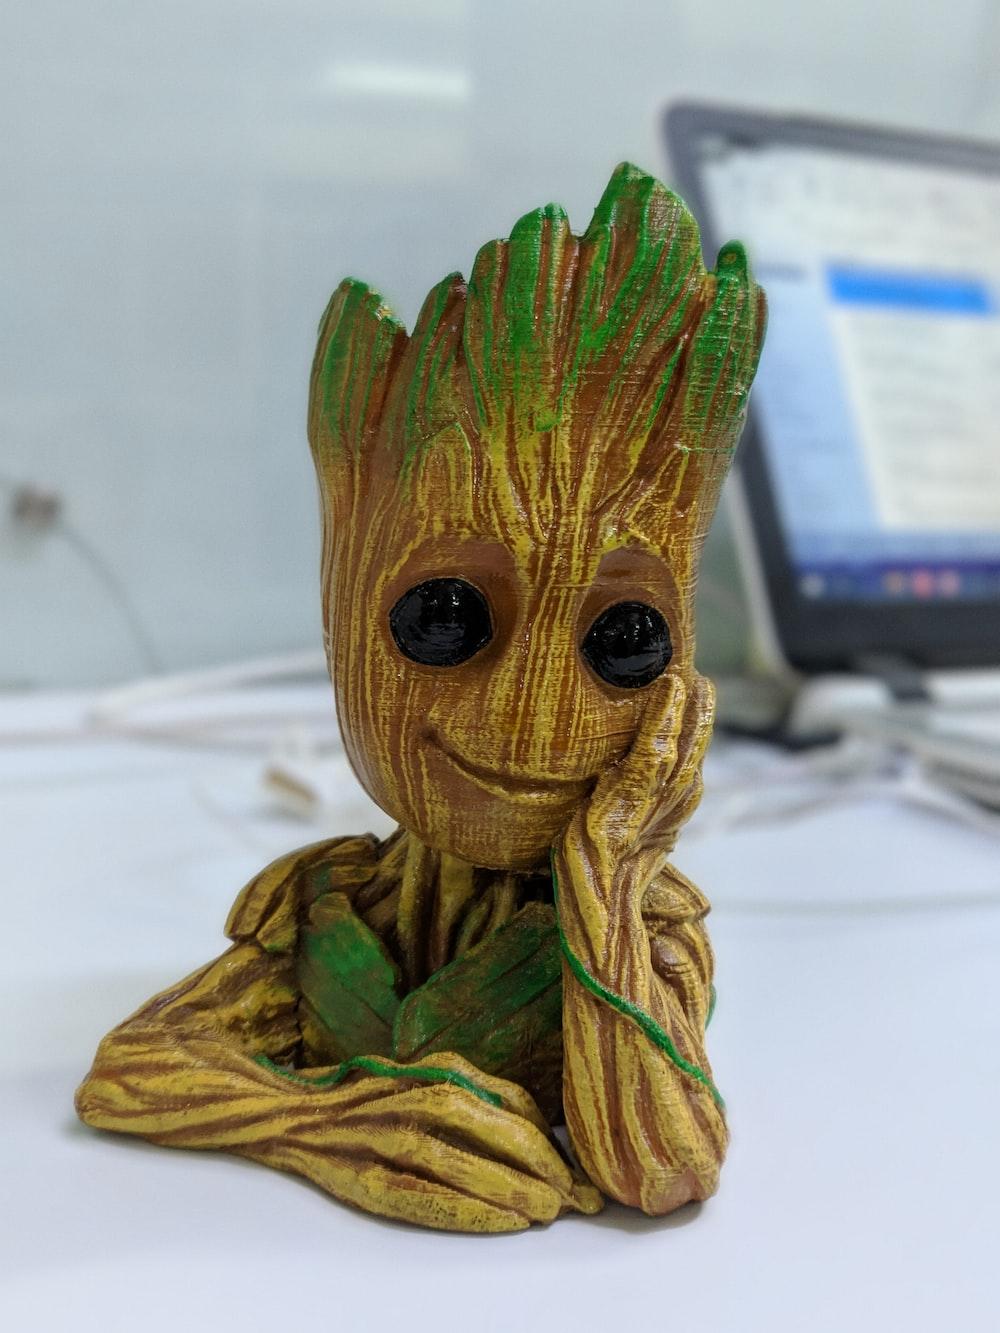 Groot figurine